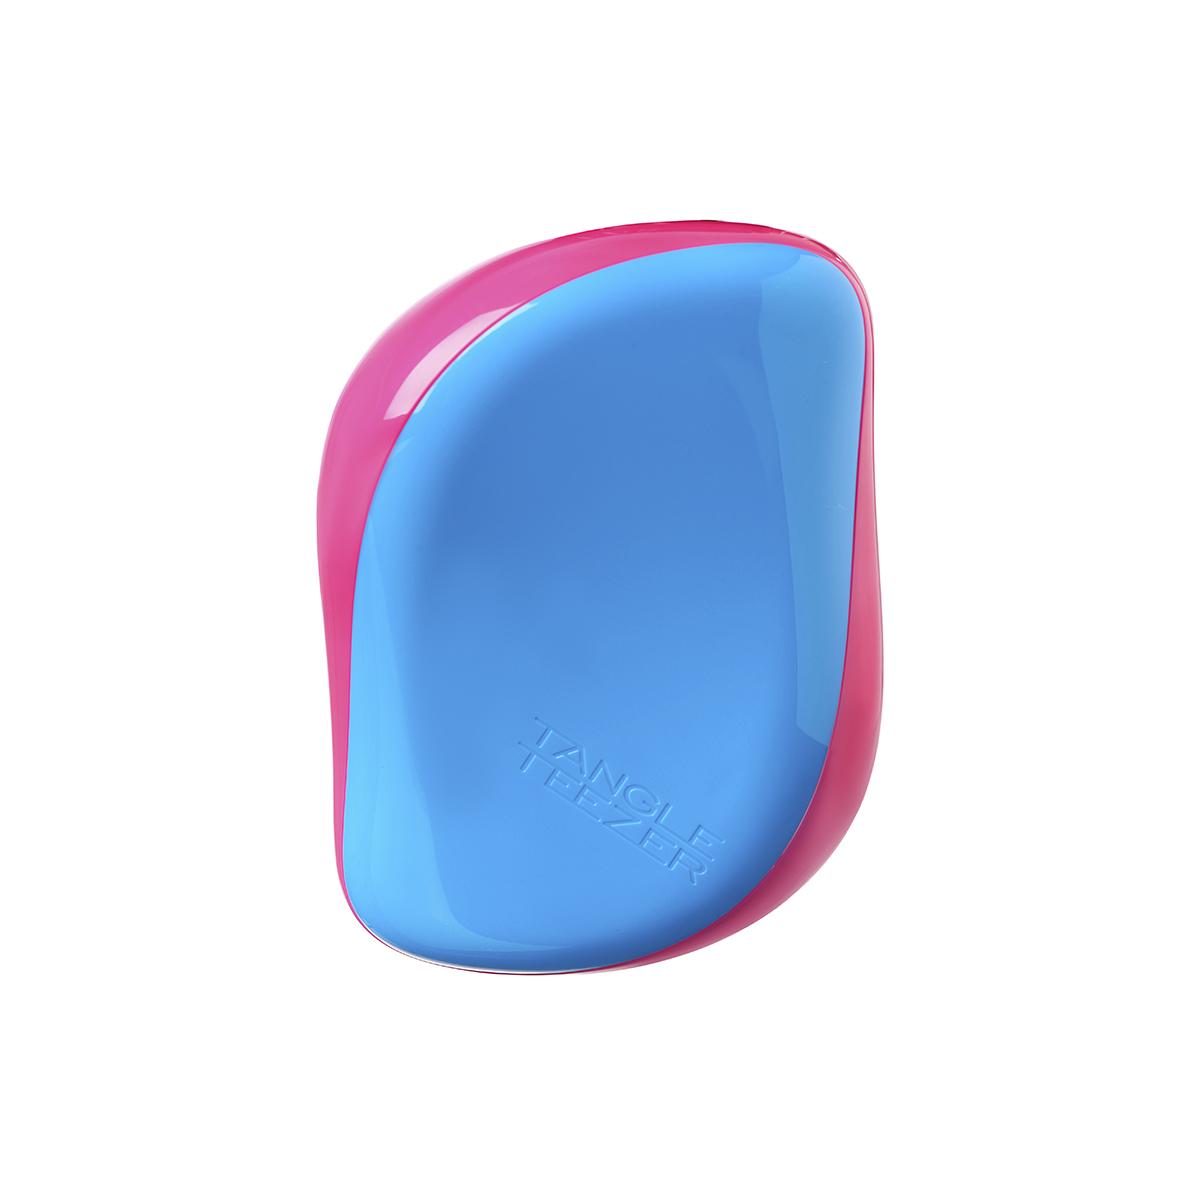 TANGLE TEEZER Расческа для волос / Compact Styler Bright расческа tangle teezer compact styler hello kitty pink 1 шт